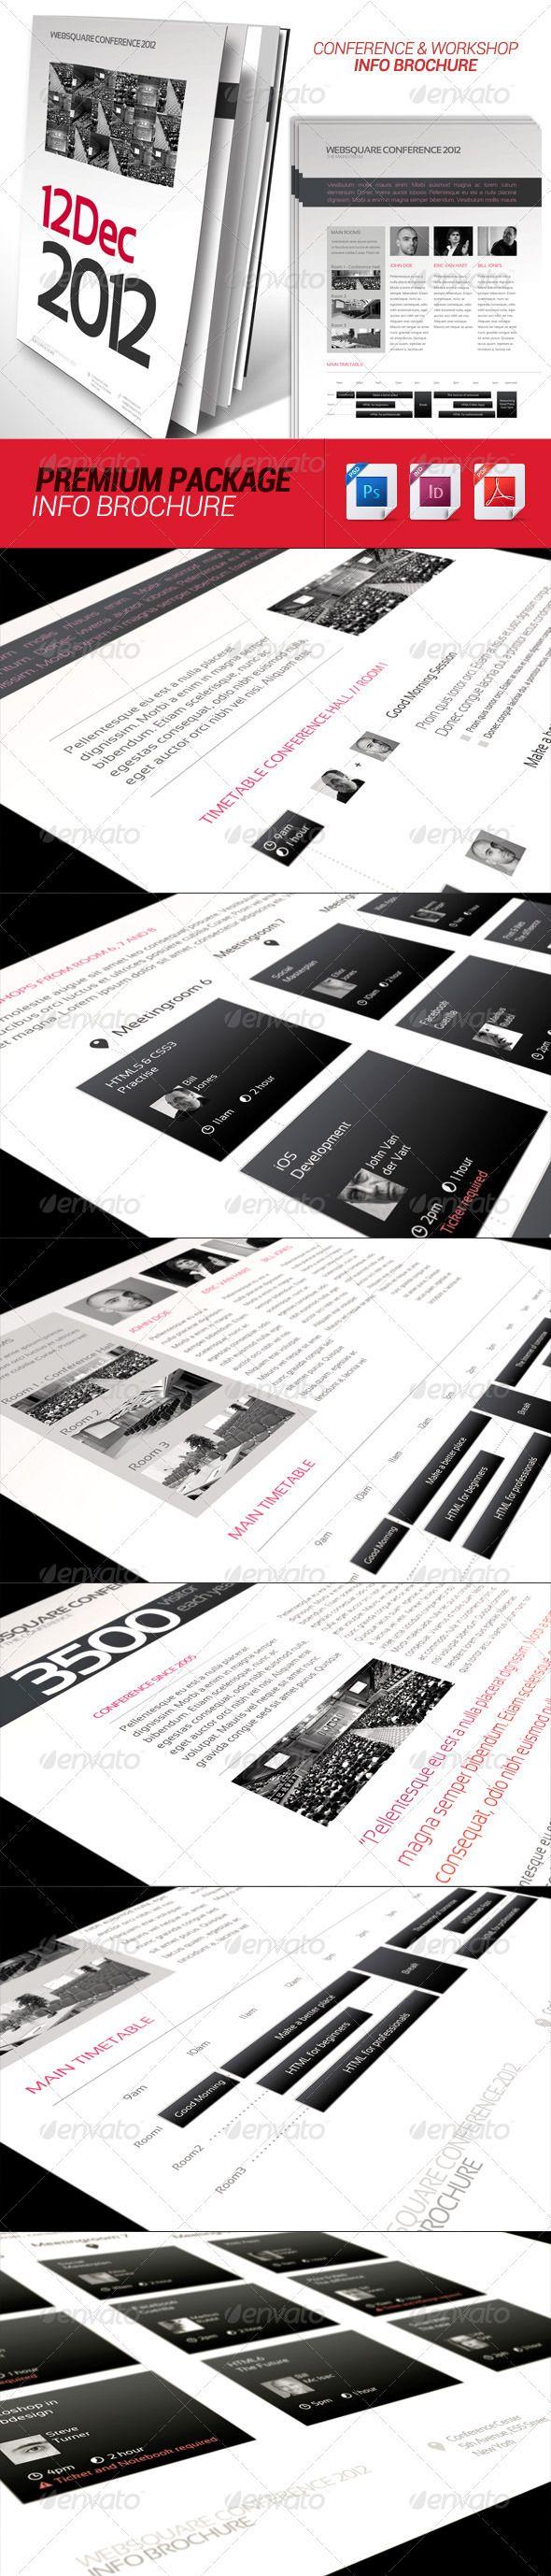 Conference Schedule Workshop Info Brochure Brochures - Workshop brochure template